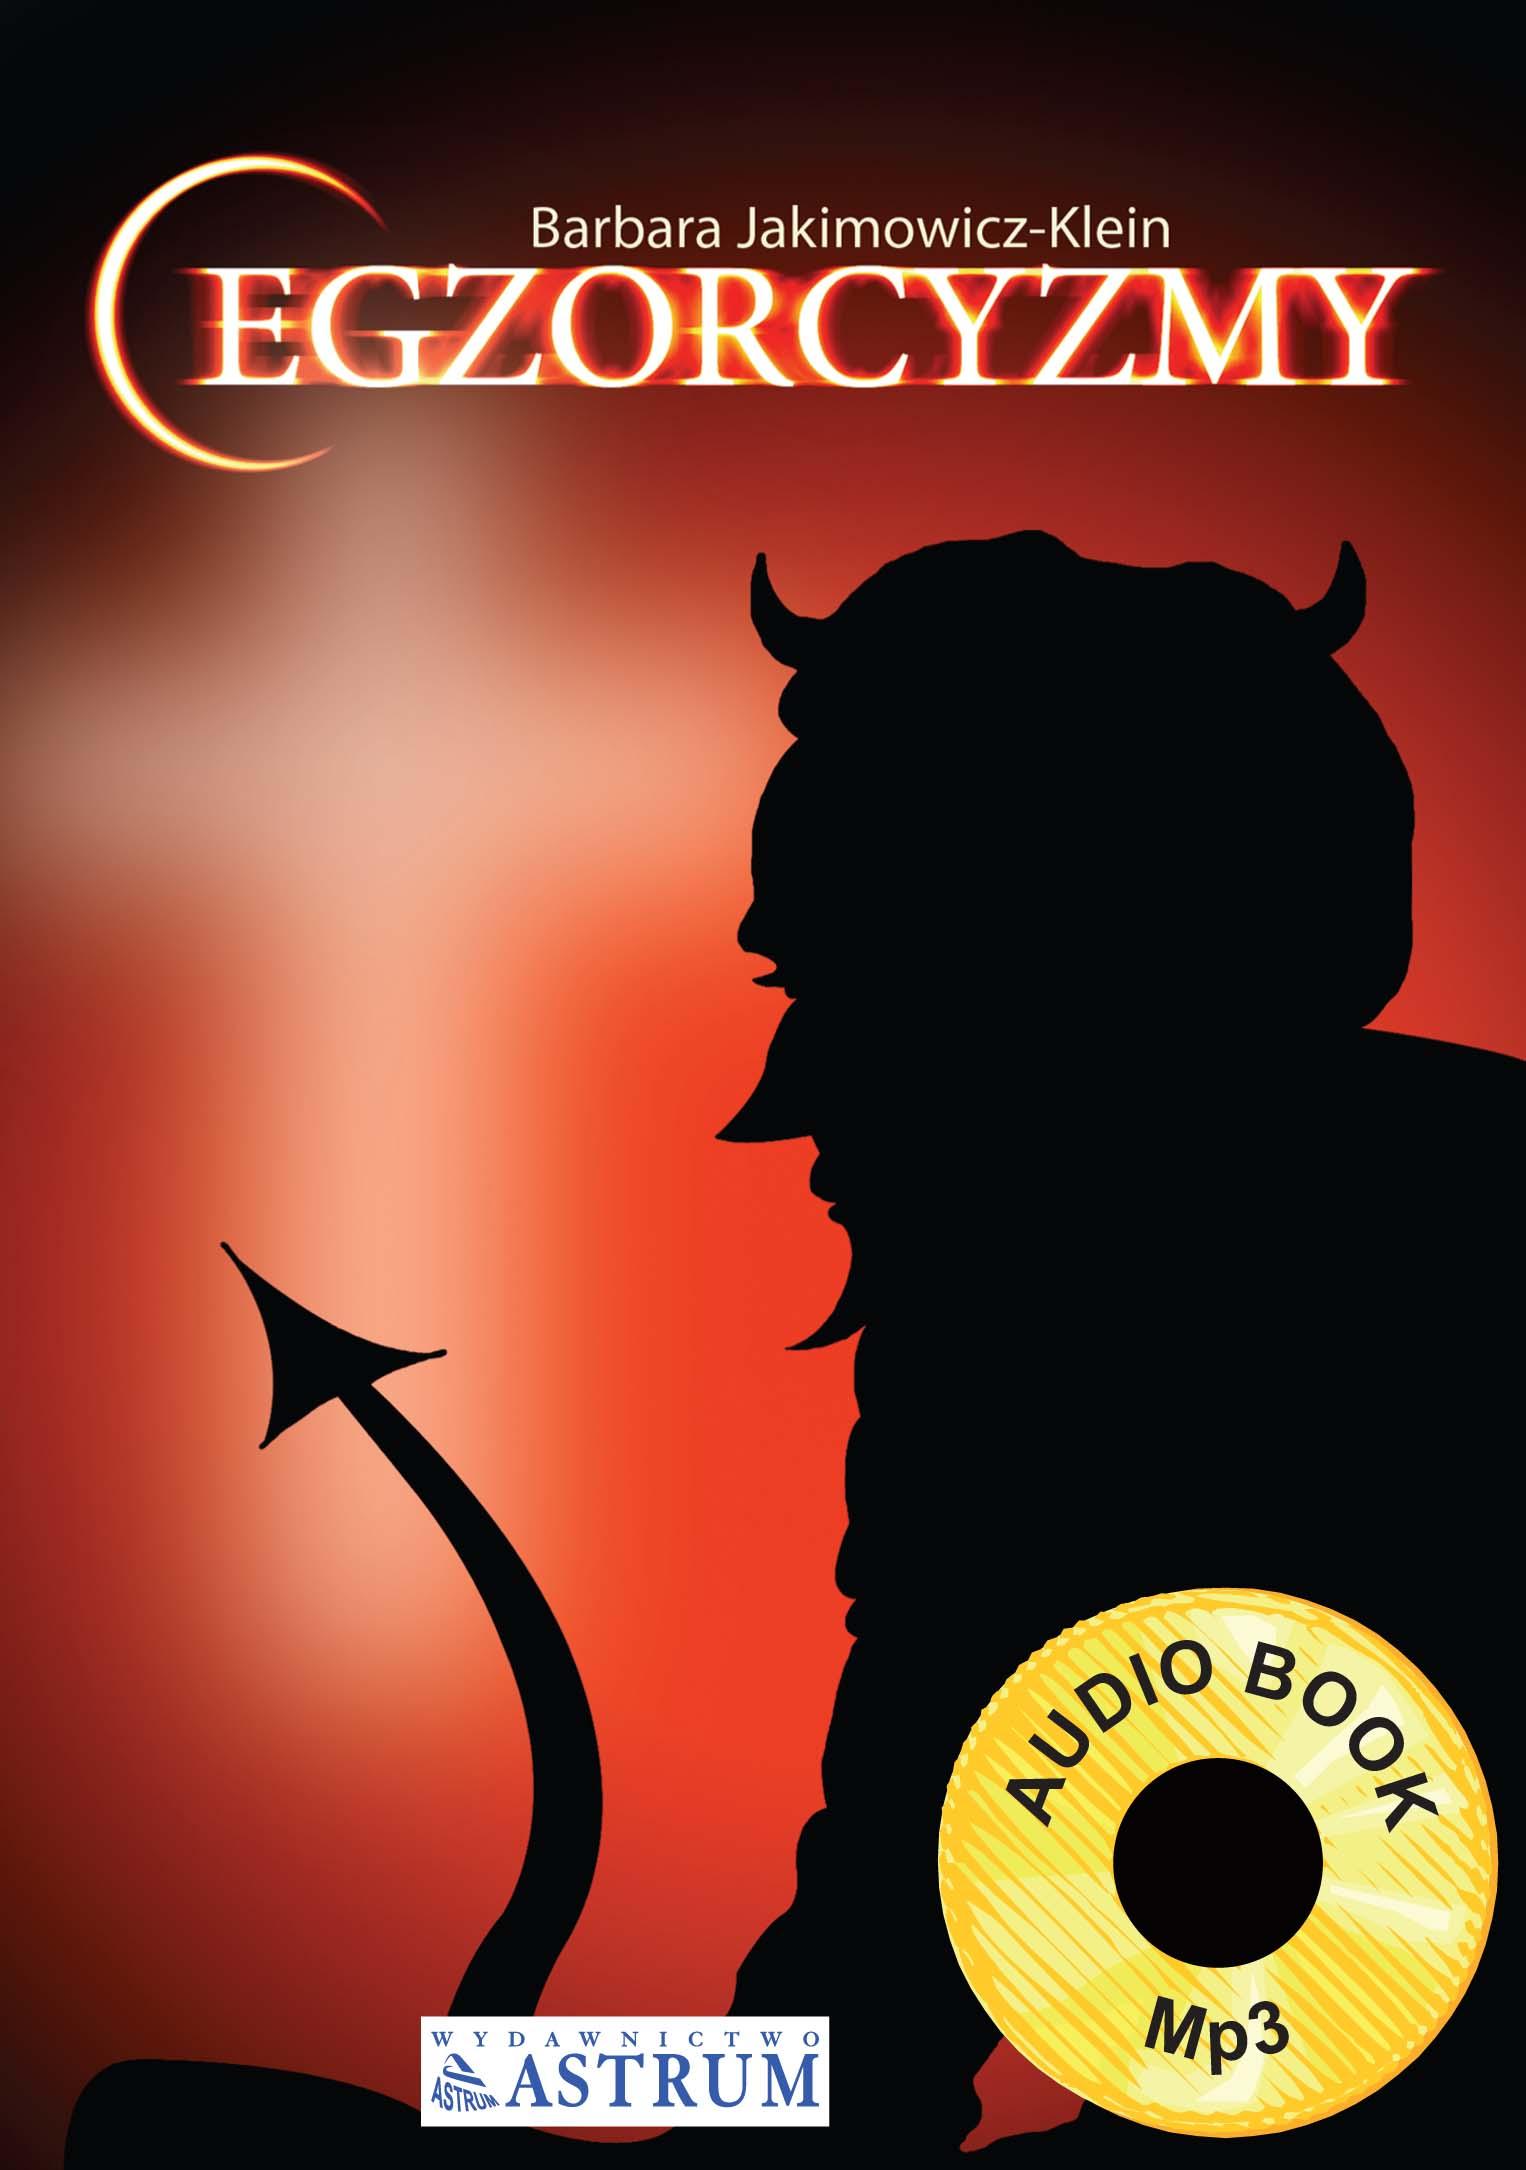 Egzorcyzmy - audiobook – Barbara Jakimowicz-Klein, Wydawnictwo Astrum, audiobook, książki audio, mp3, religie, wierzenia, sprawy duchowe, epartnerzy.com